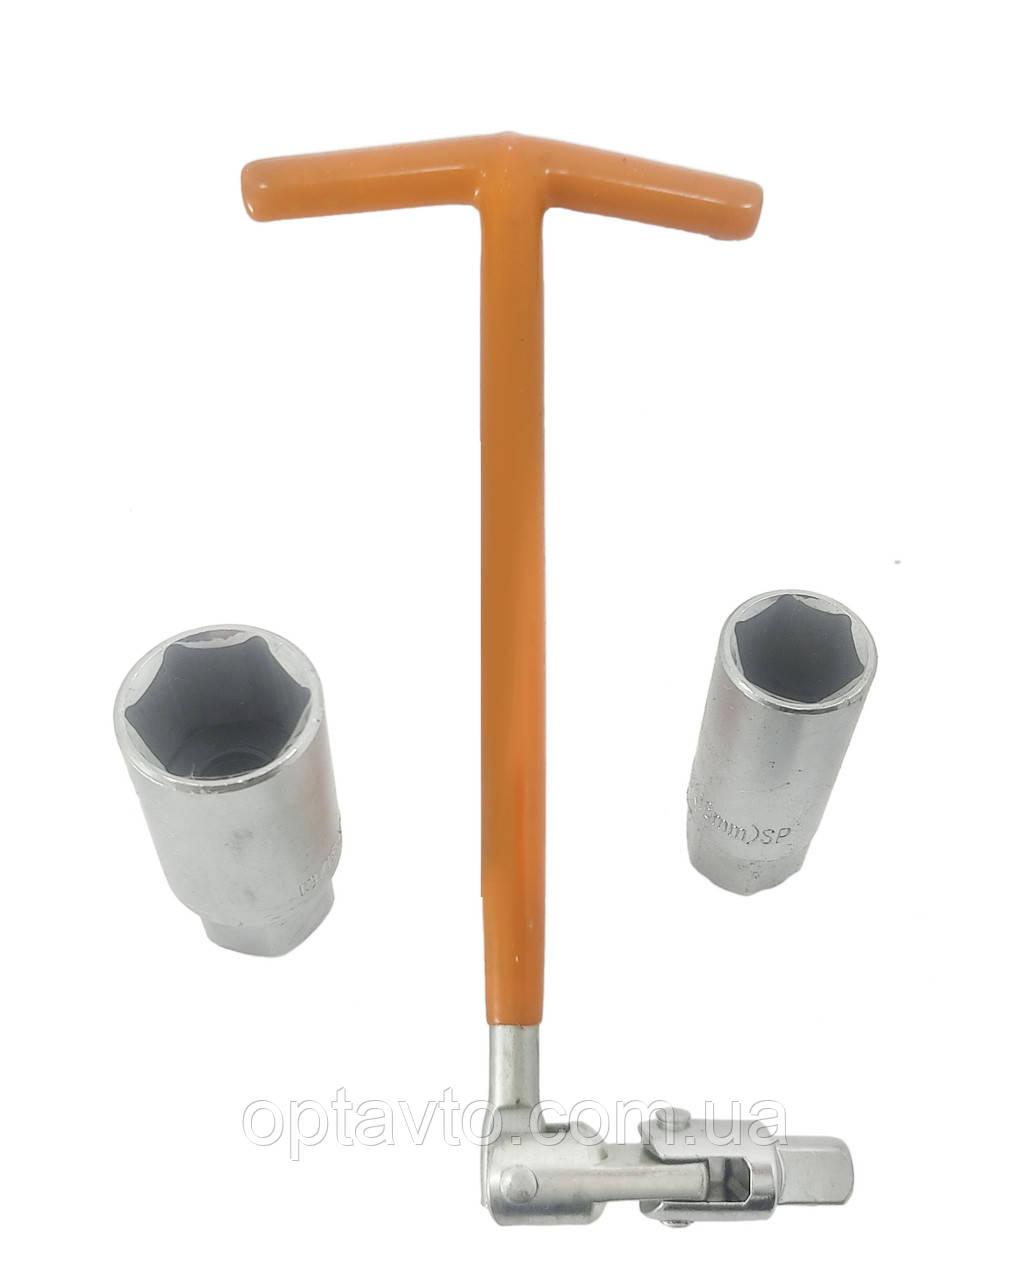 Свечной ключ усиленный 2 удлиненные головки 16 и 21 мм. Ключ свечной торцевой, шарнирный